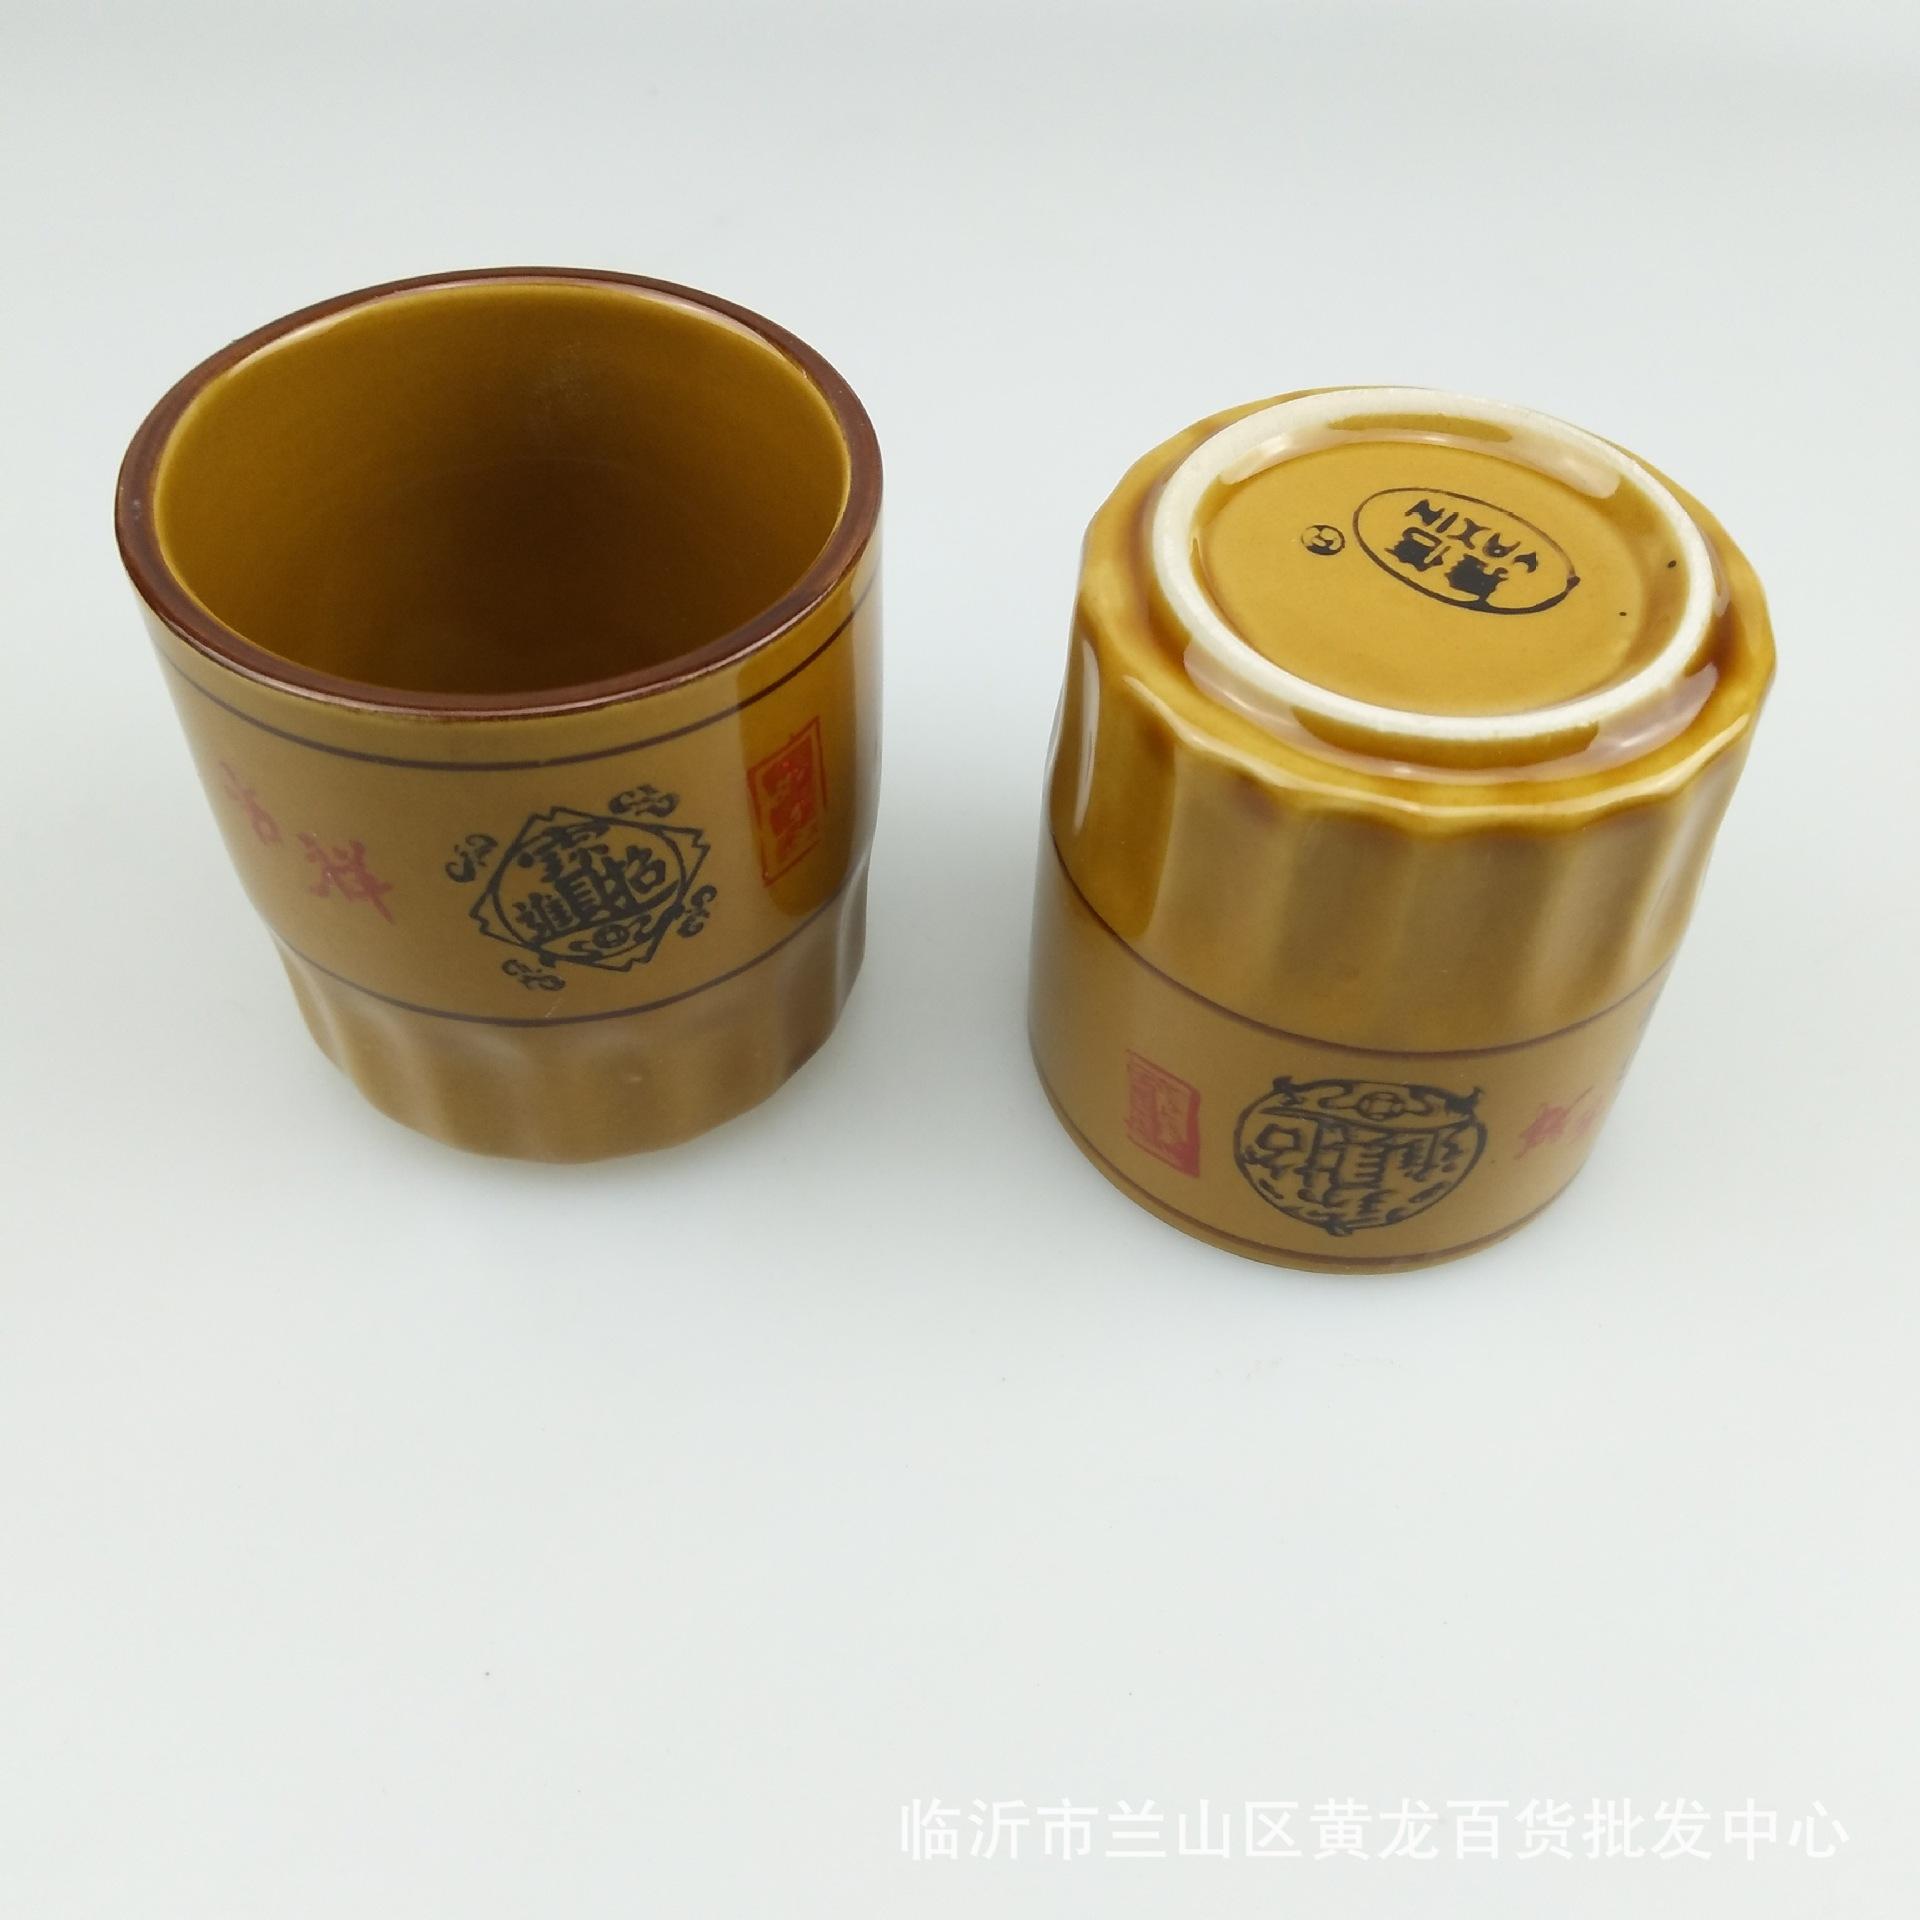 2元批发   陶瓷半纹杯  古董色杯  仿古杯 两元超市 厂家货源